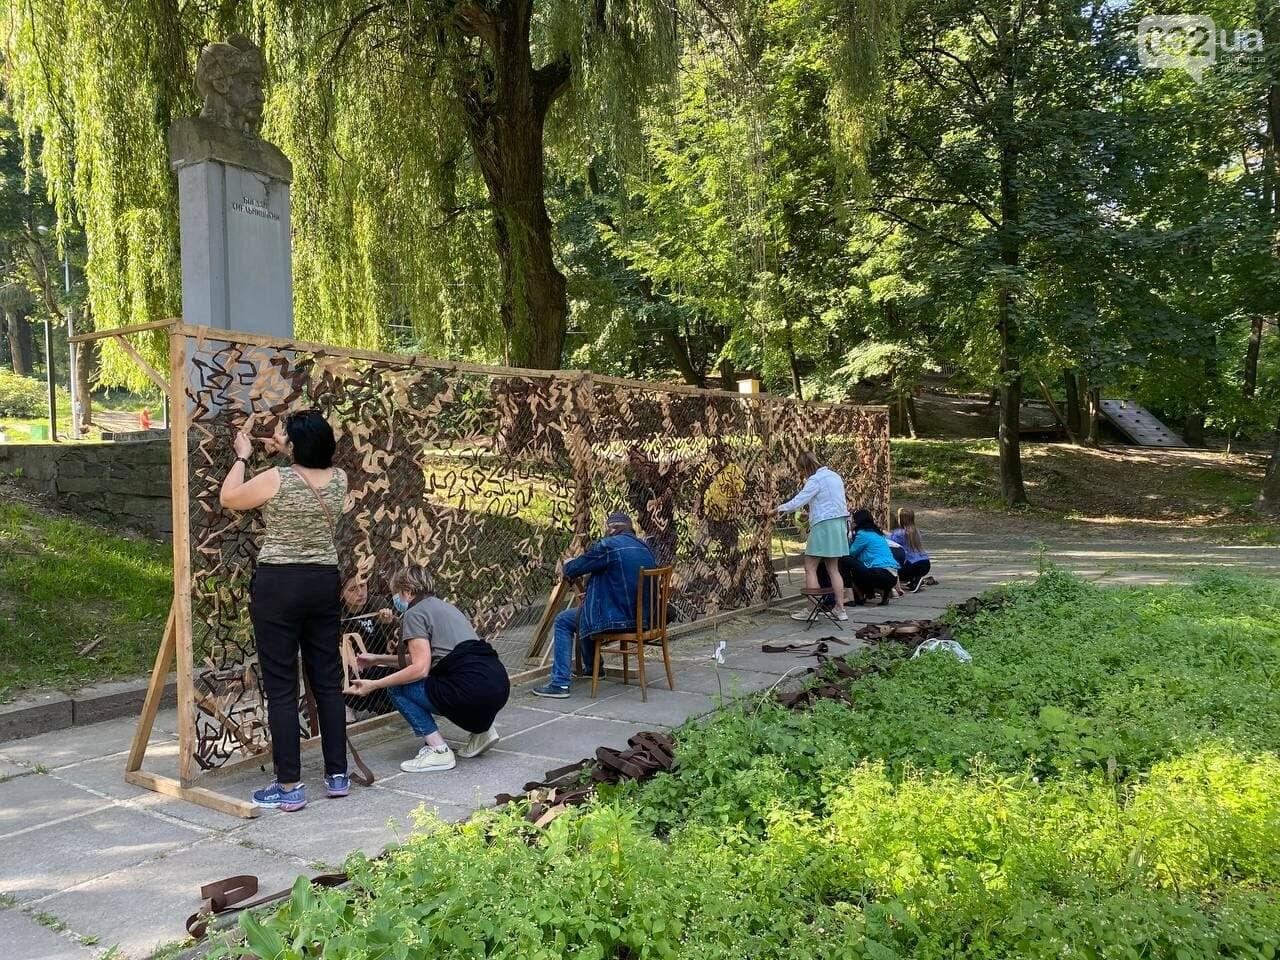 Плетіння маскувальних сіток, Фото: 032.ua